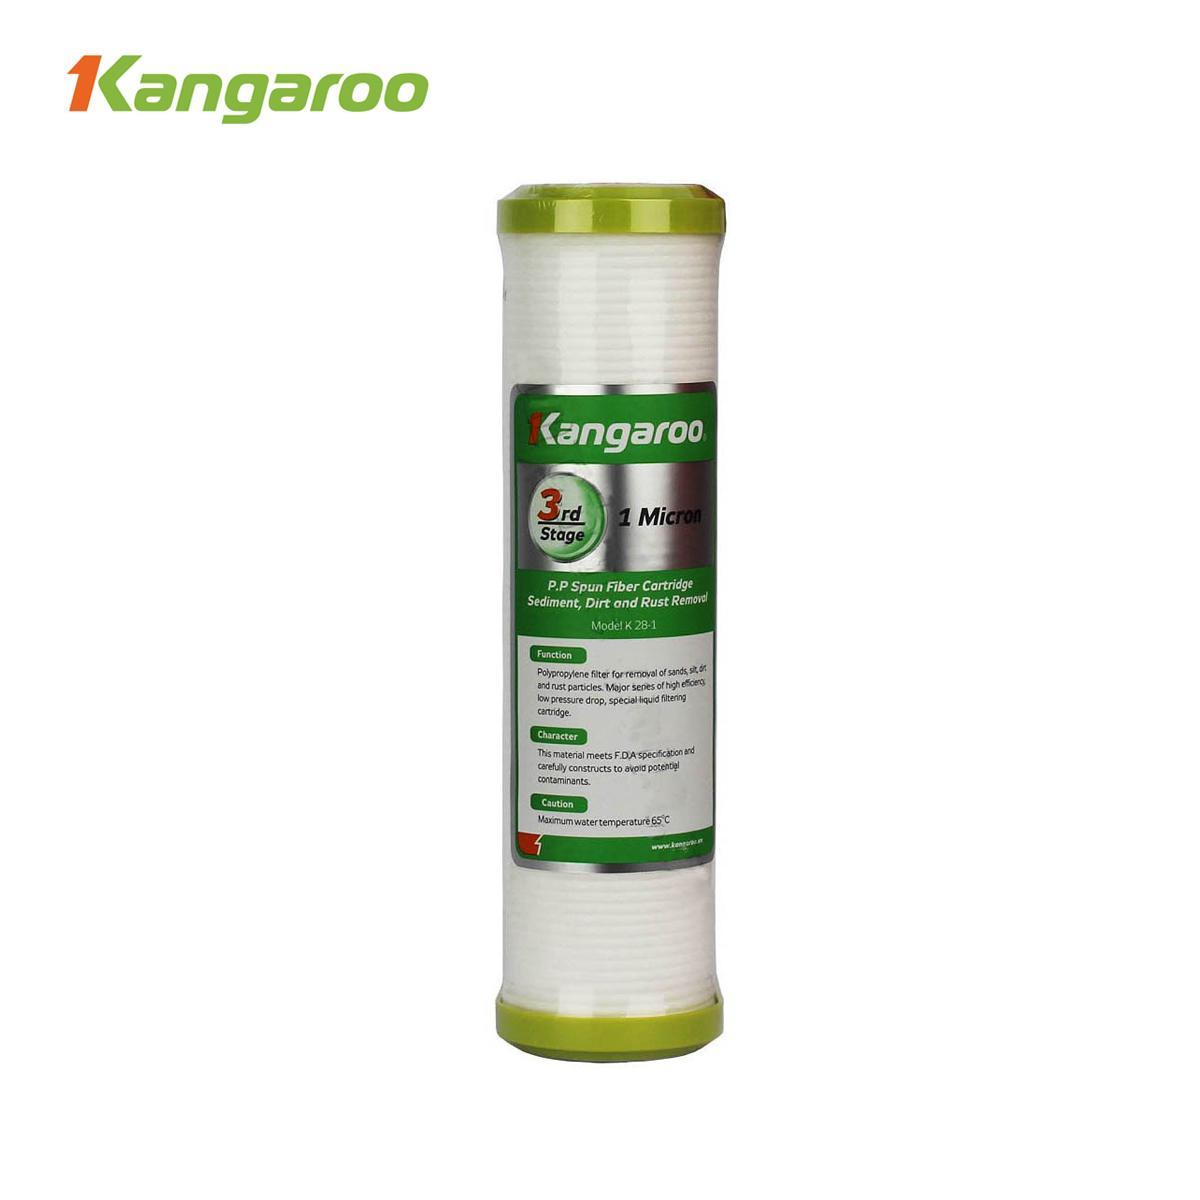 Lõi lọc số 3 của máy lọc nước Kangaroo